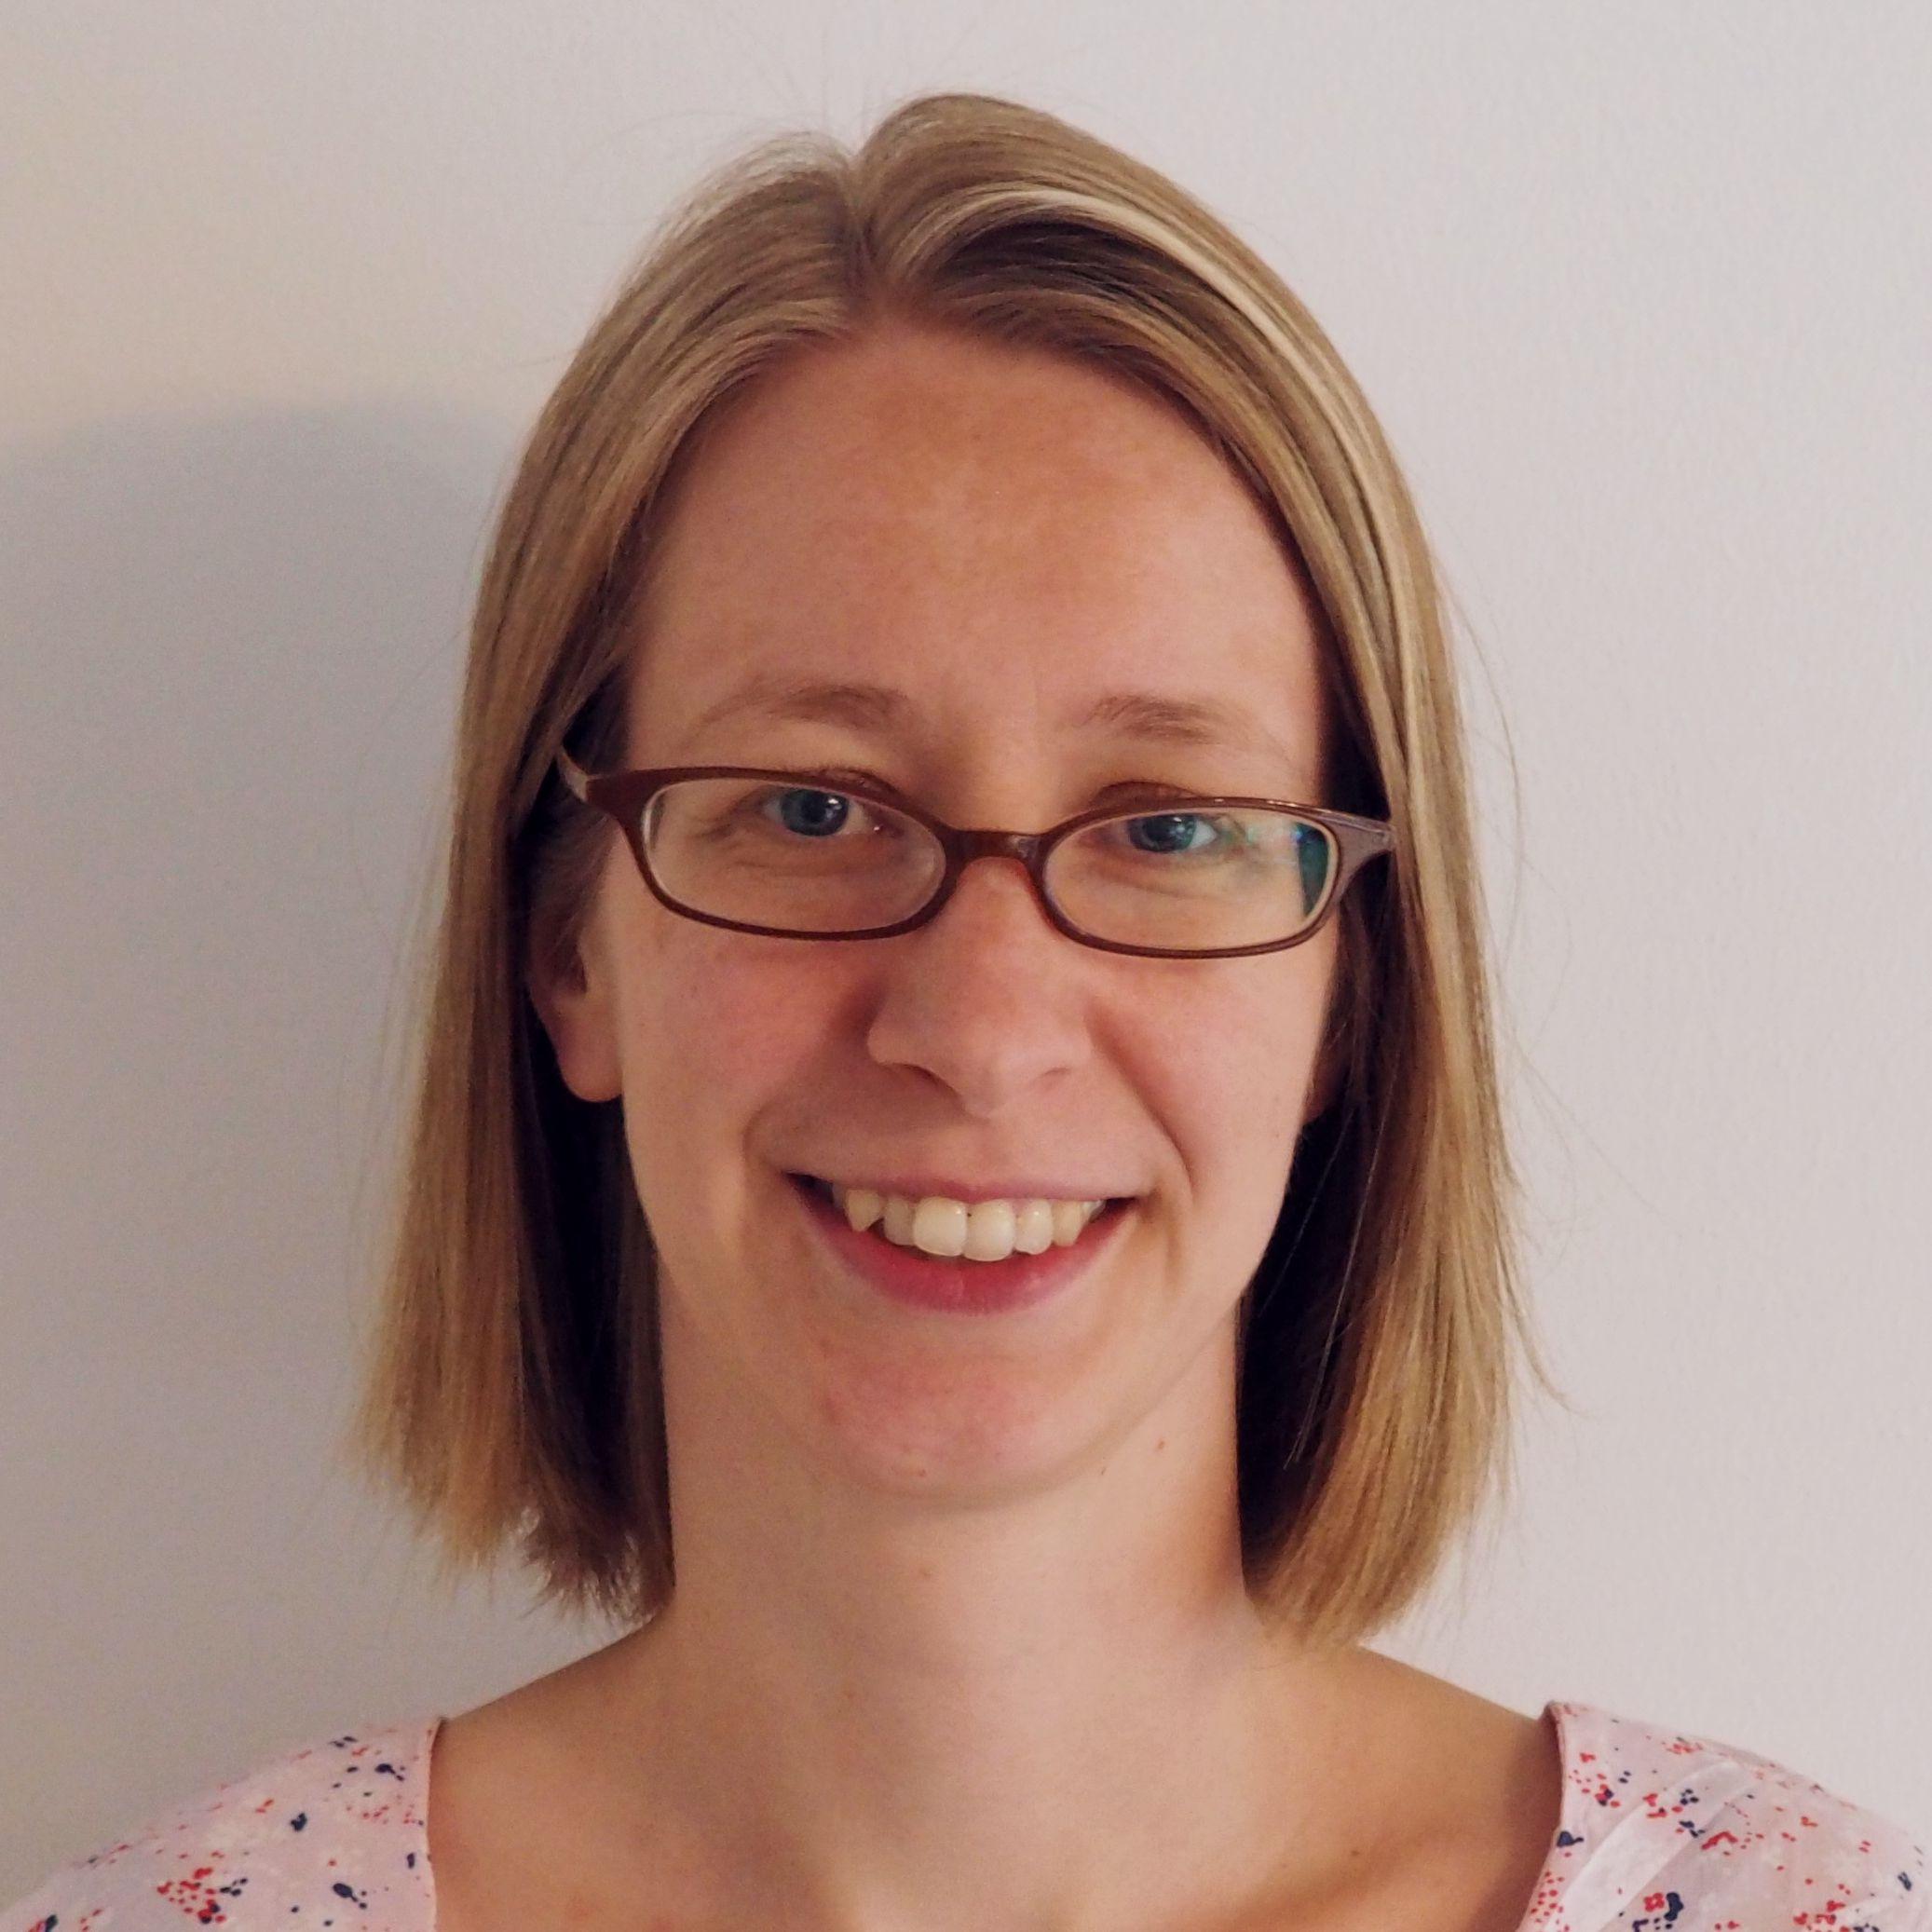 Kathrin Diepenbrock